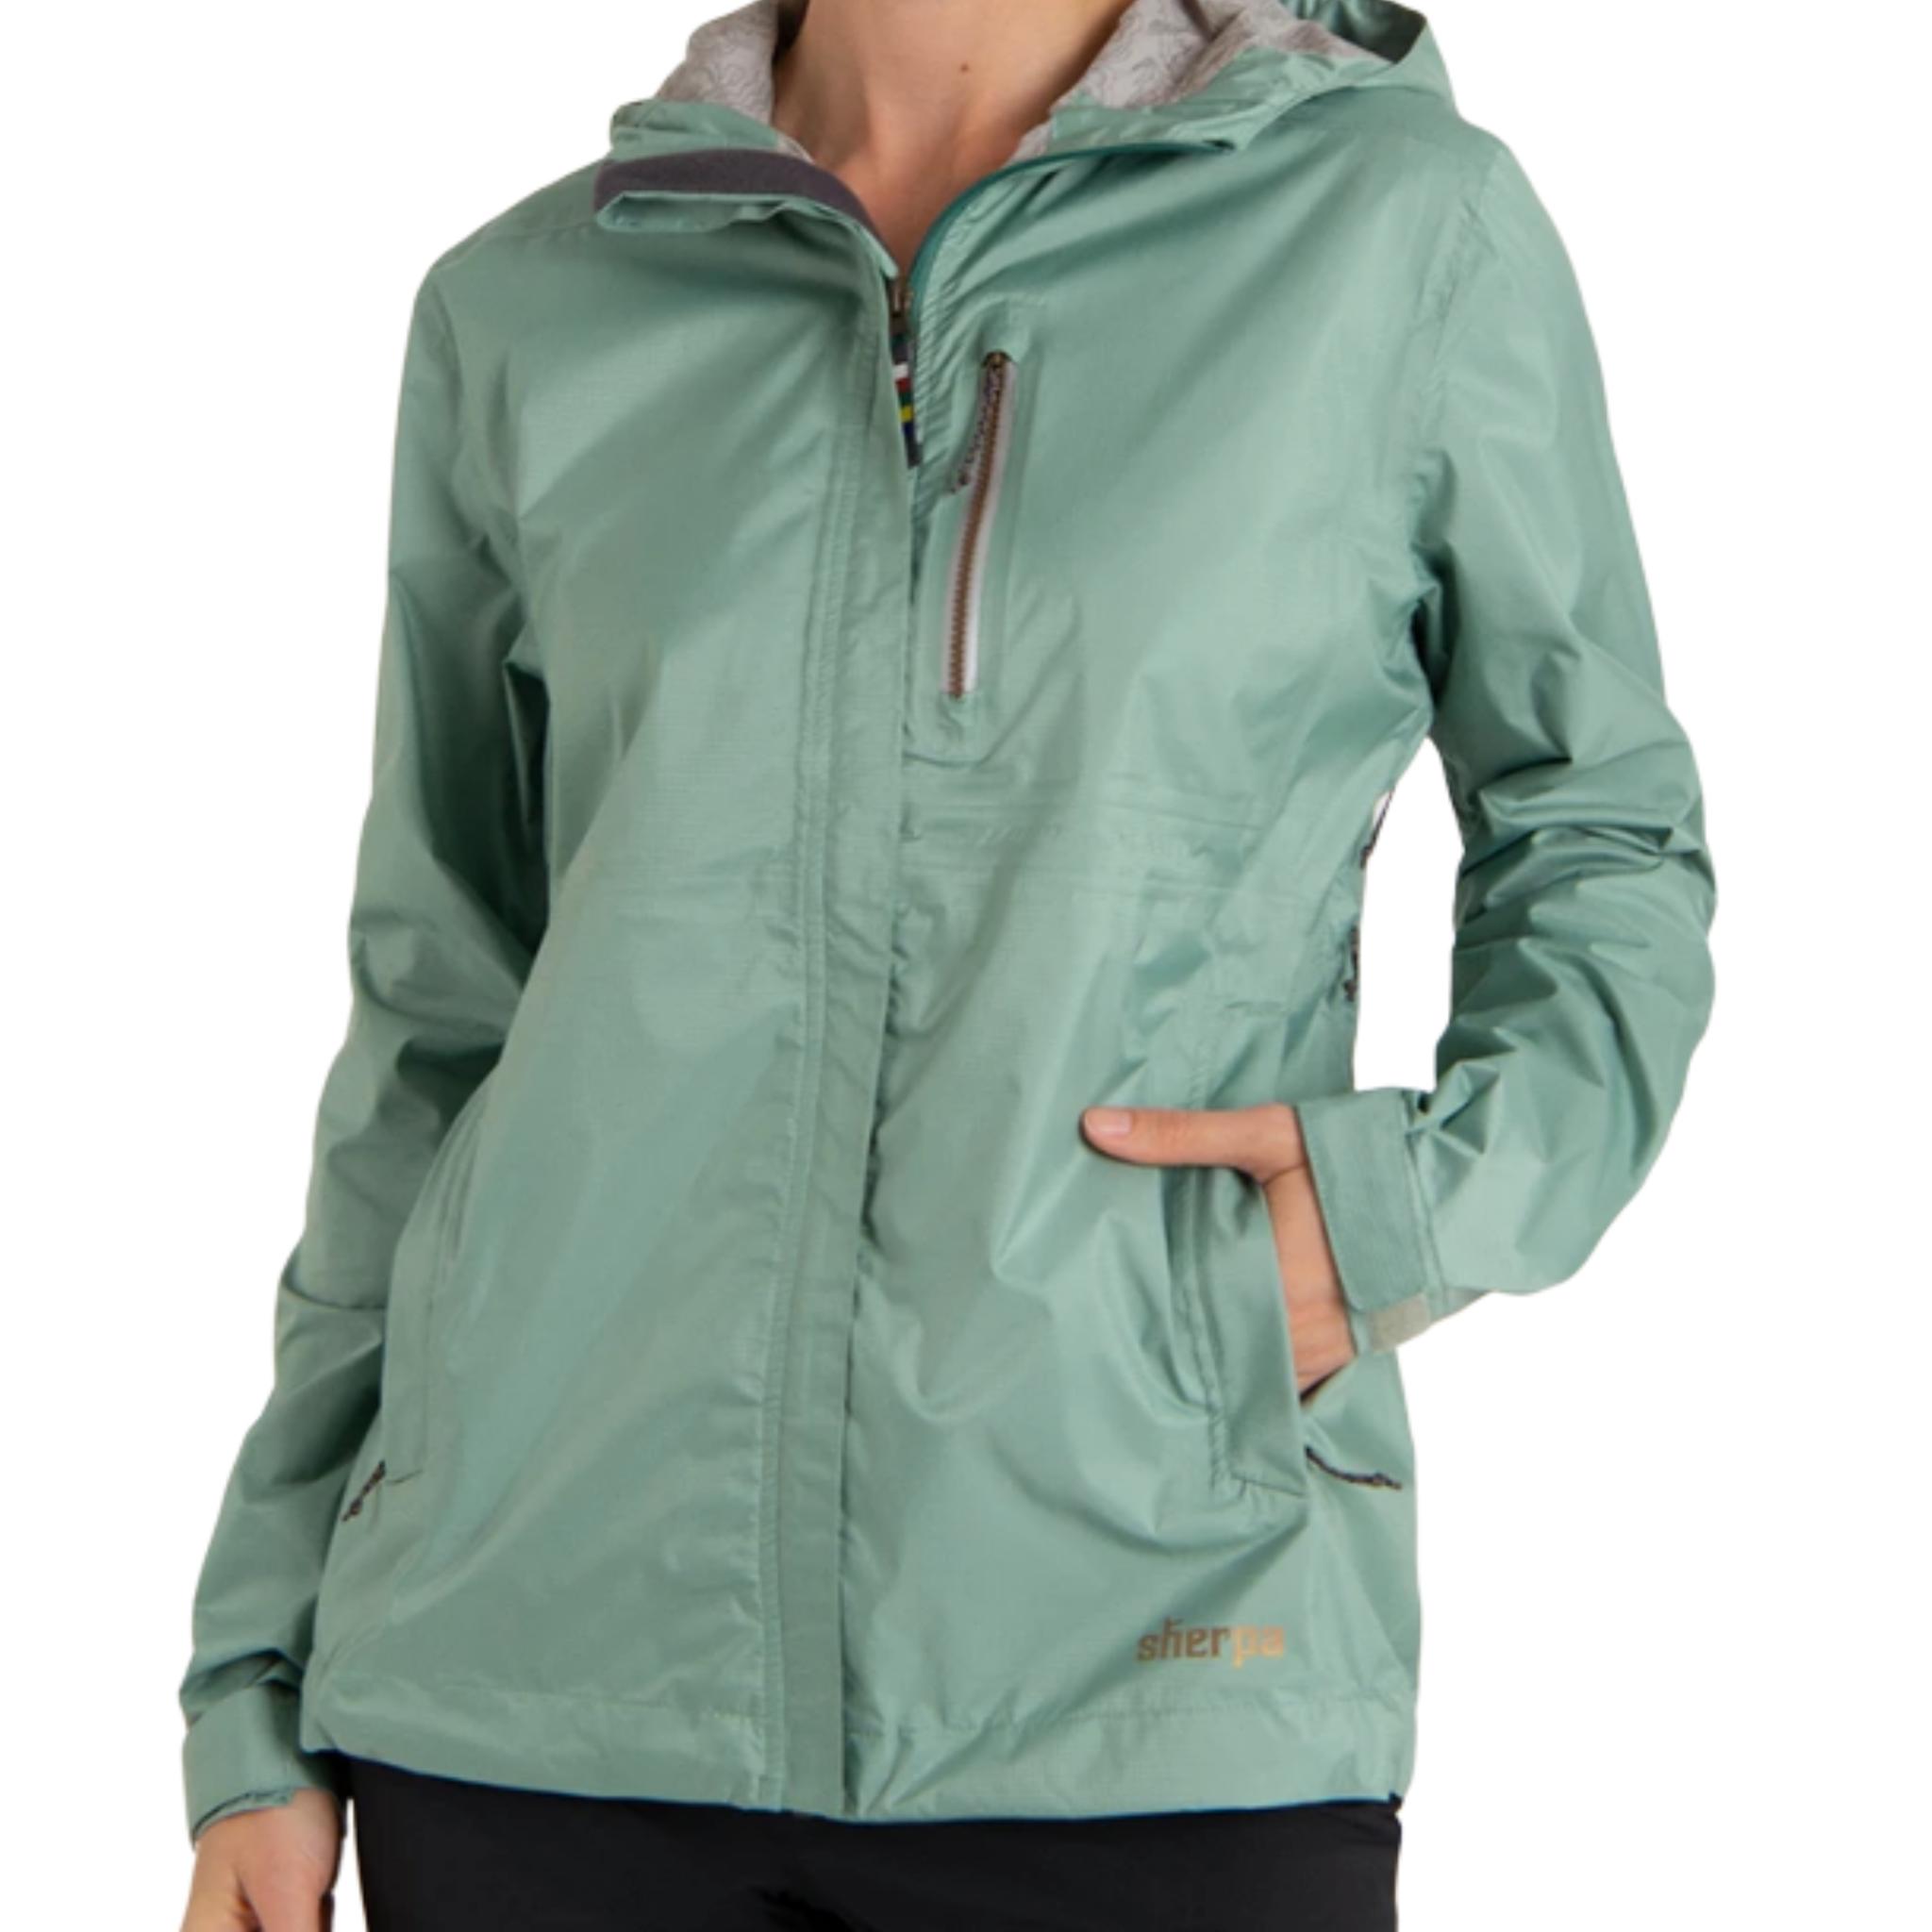 Sherpa Adventure Gear W's Kunde Waterproof 2.5-Layer Jacket, Mechi Green